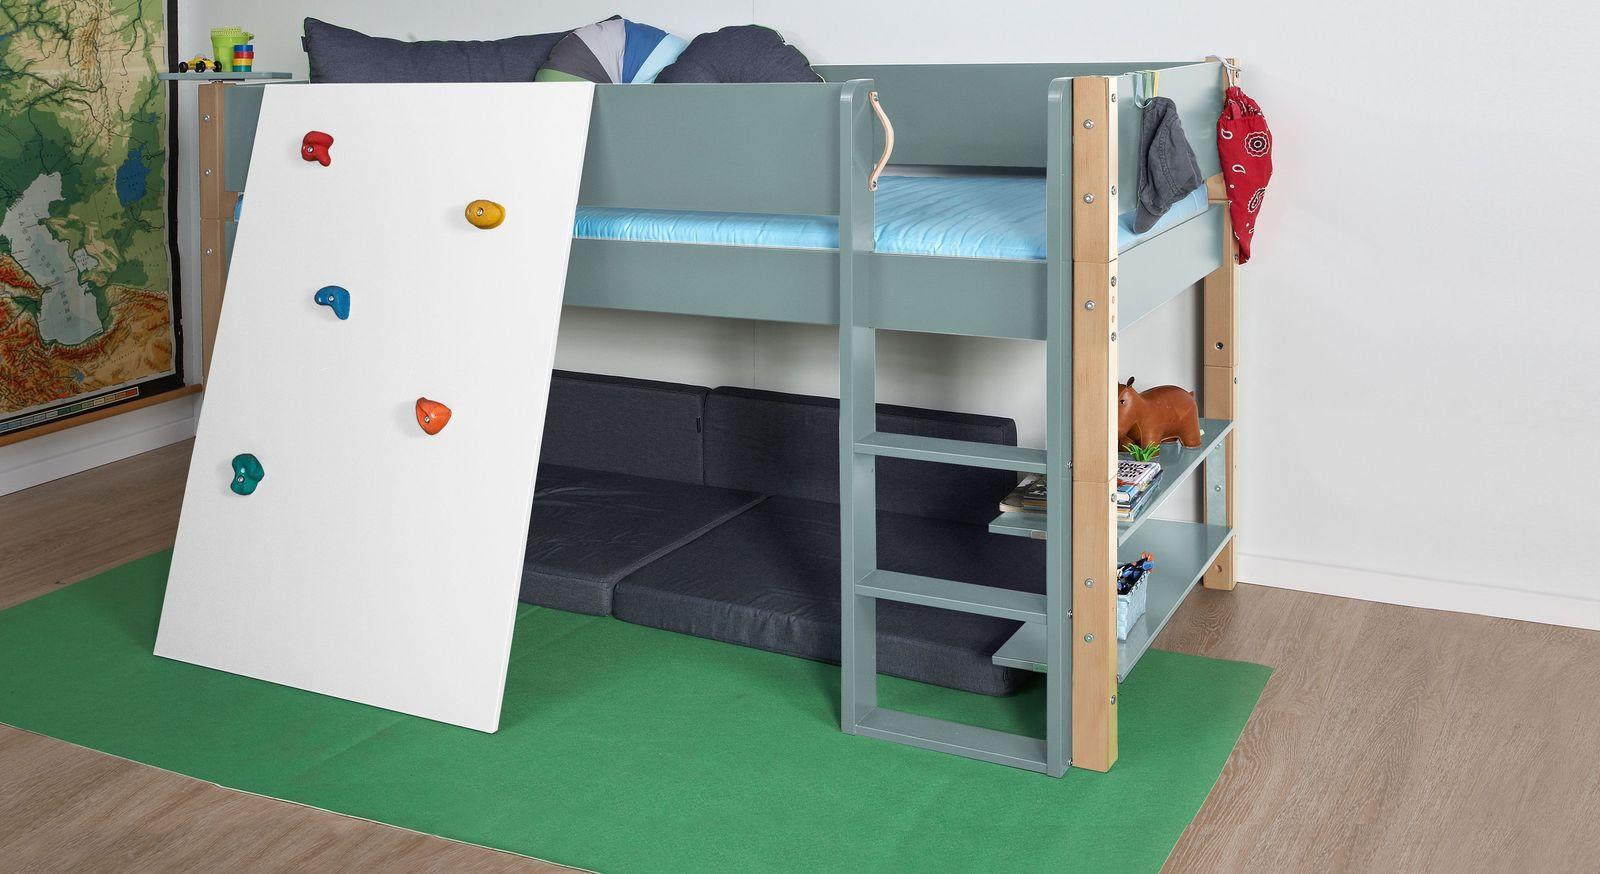 Blaugraues Mini-Hochbett Kids Town Color mit Kletterwand und Buchenpfosten